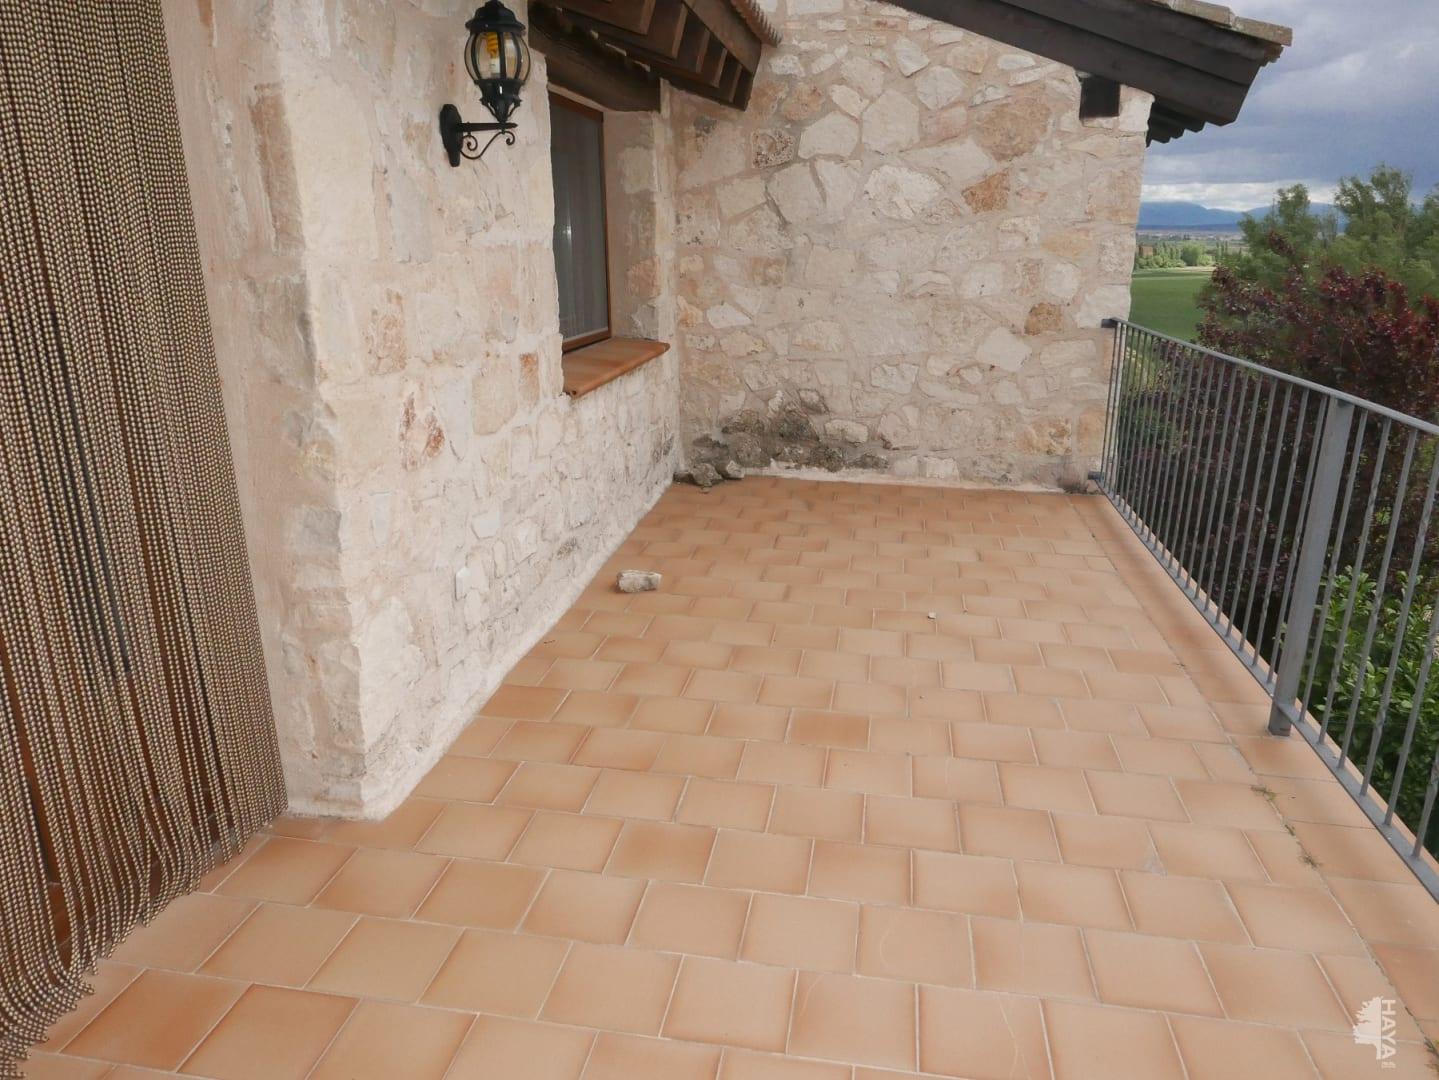 Casa en venta en Casa en Grajera, Segovia, 222.000 €, 4 habitaciones, 2 baños, 392 m2, Garaje